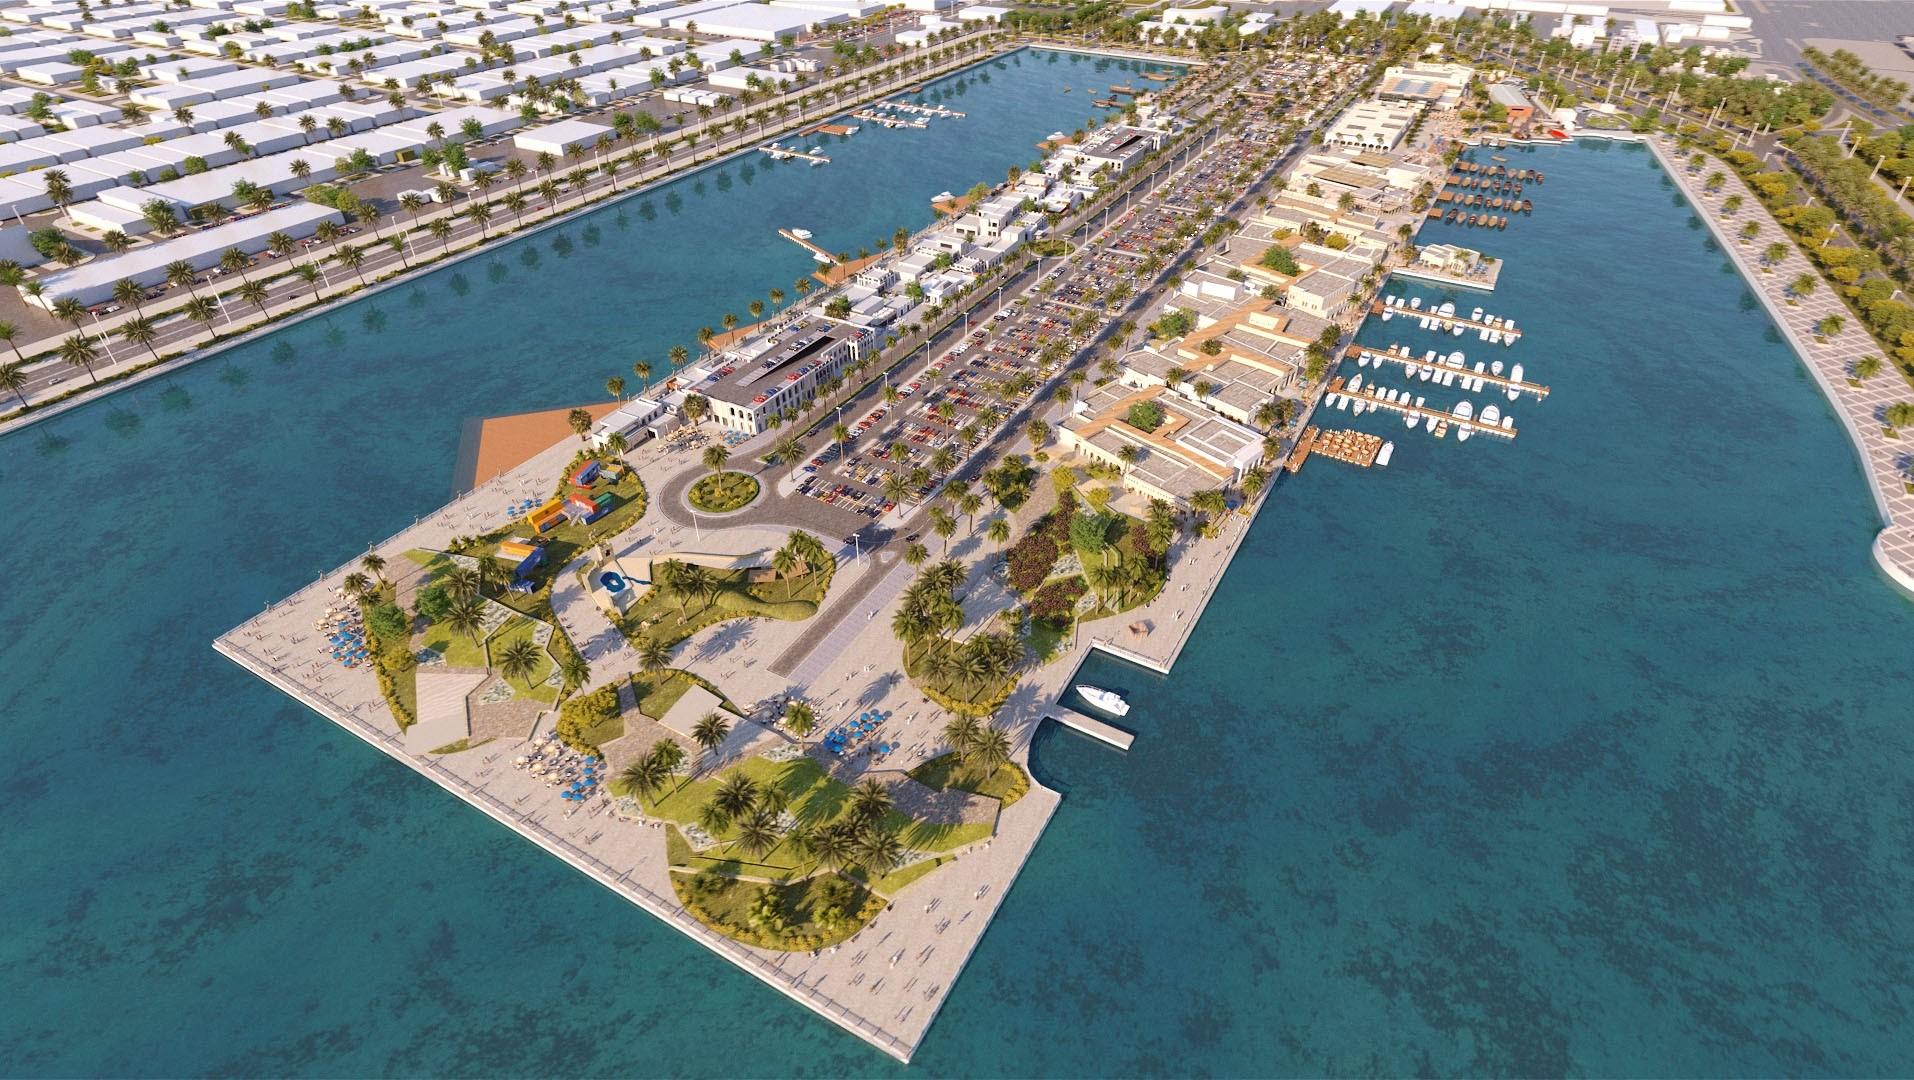 دائرة البلديات والنقل تطلق أعمال المرحلة الثانية من مشروع إعادة تطوير منطقة ميناء زايد